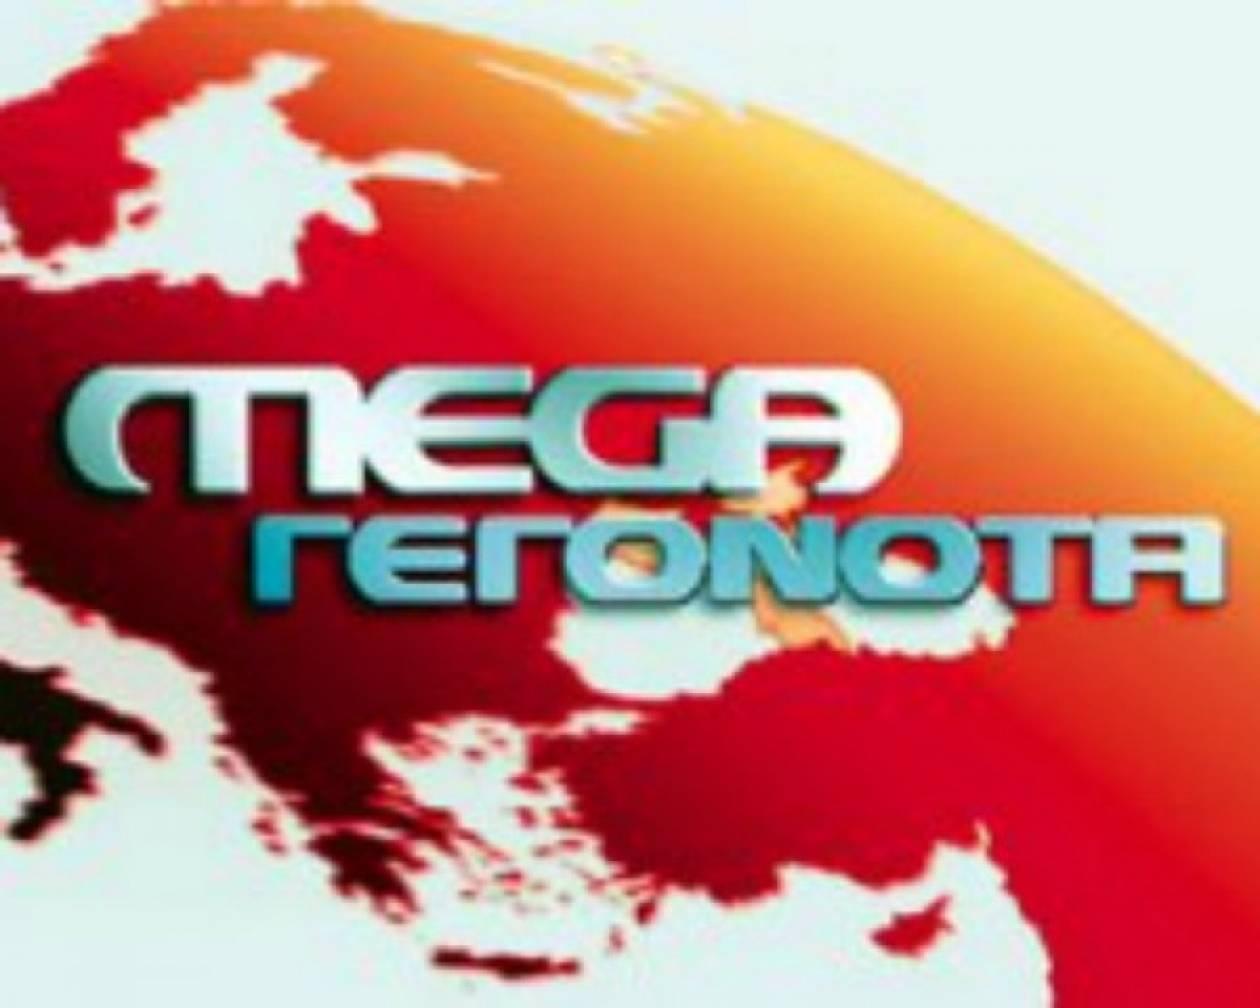 Απολύθηκε τεχνικός του MEGA για τα λάθος πλάνα του Πολυτεχνείου